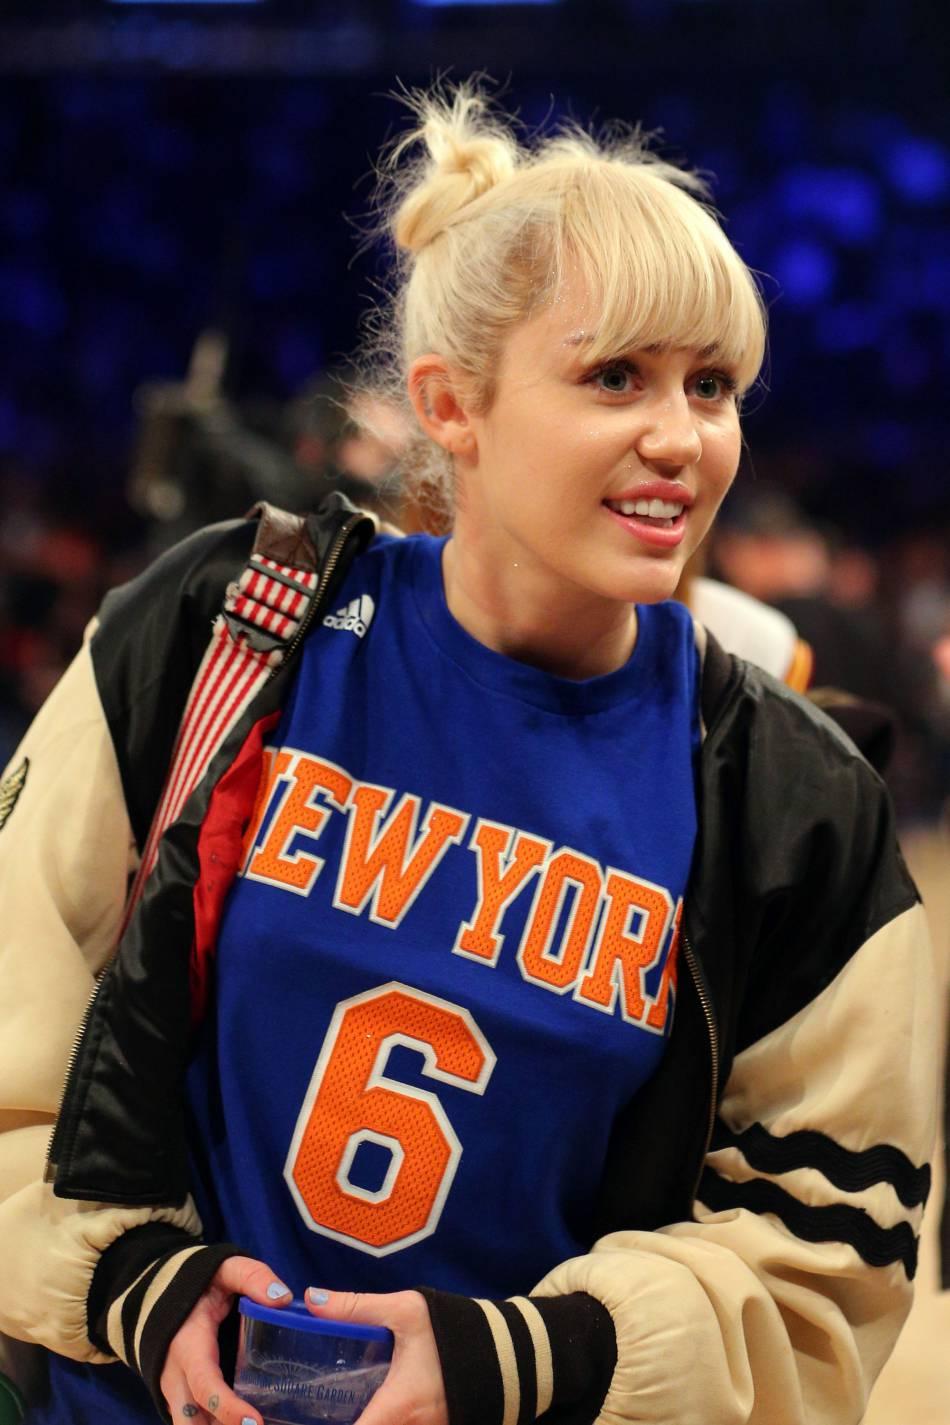 La chanteuse Miley Cyrus pourrait s'être mariée en cachette avec son petit-ami Liam  Hemsworth !